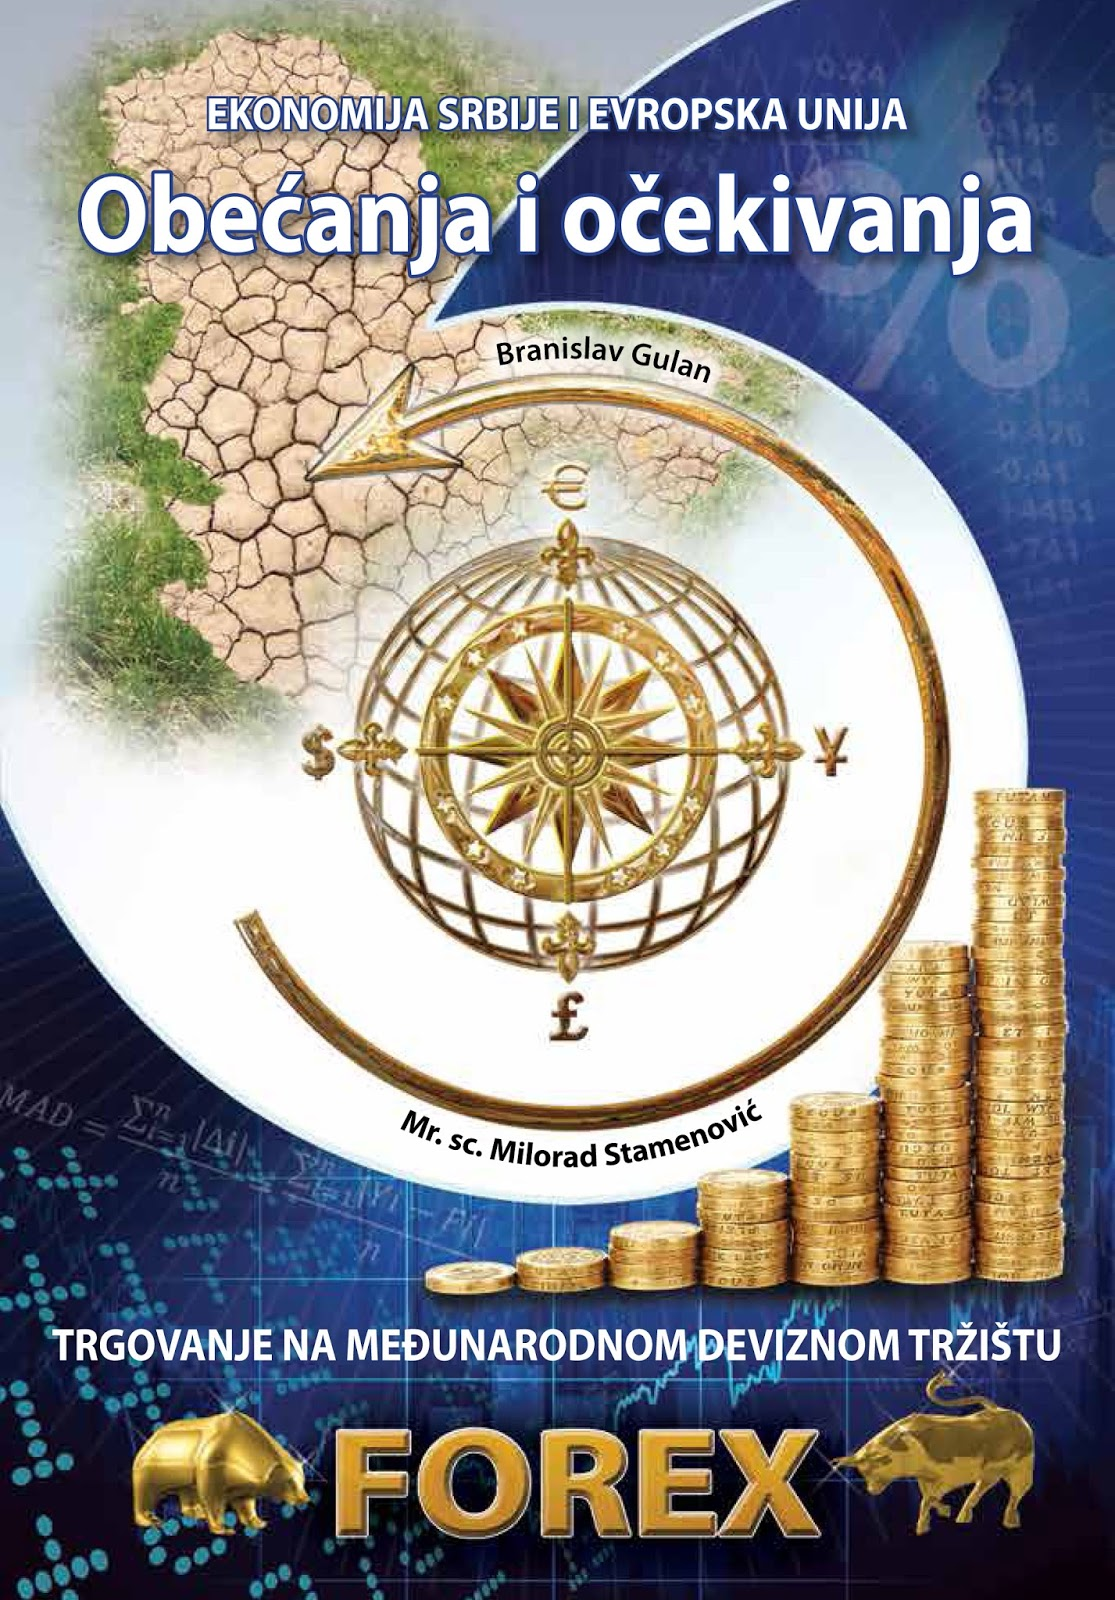 Forex trgovanje - knjige